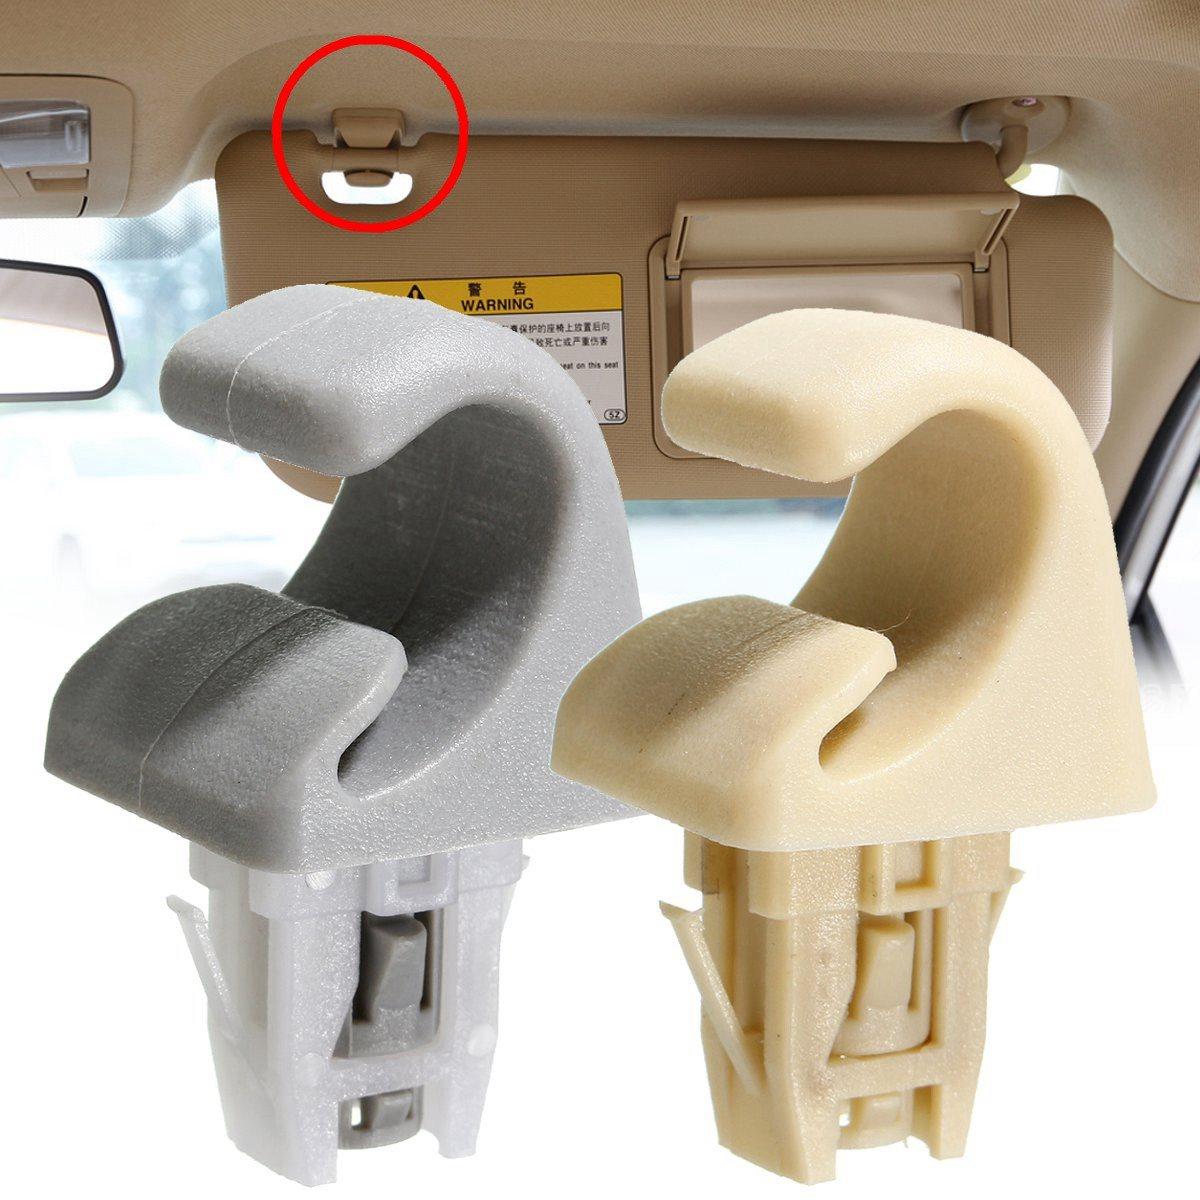 Gray beige sun visor hook clip bracket hanger fit for toyota camry corolla highlander rav4 prius solara 2001 2007 2003 2012